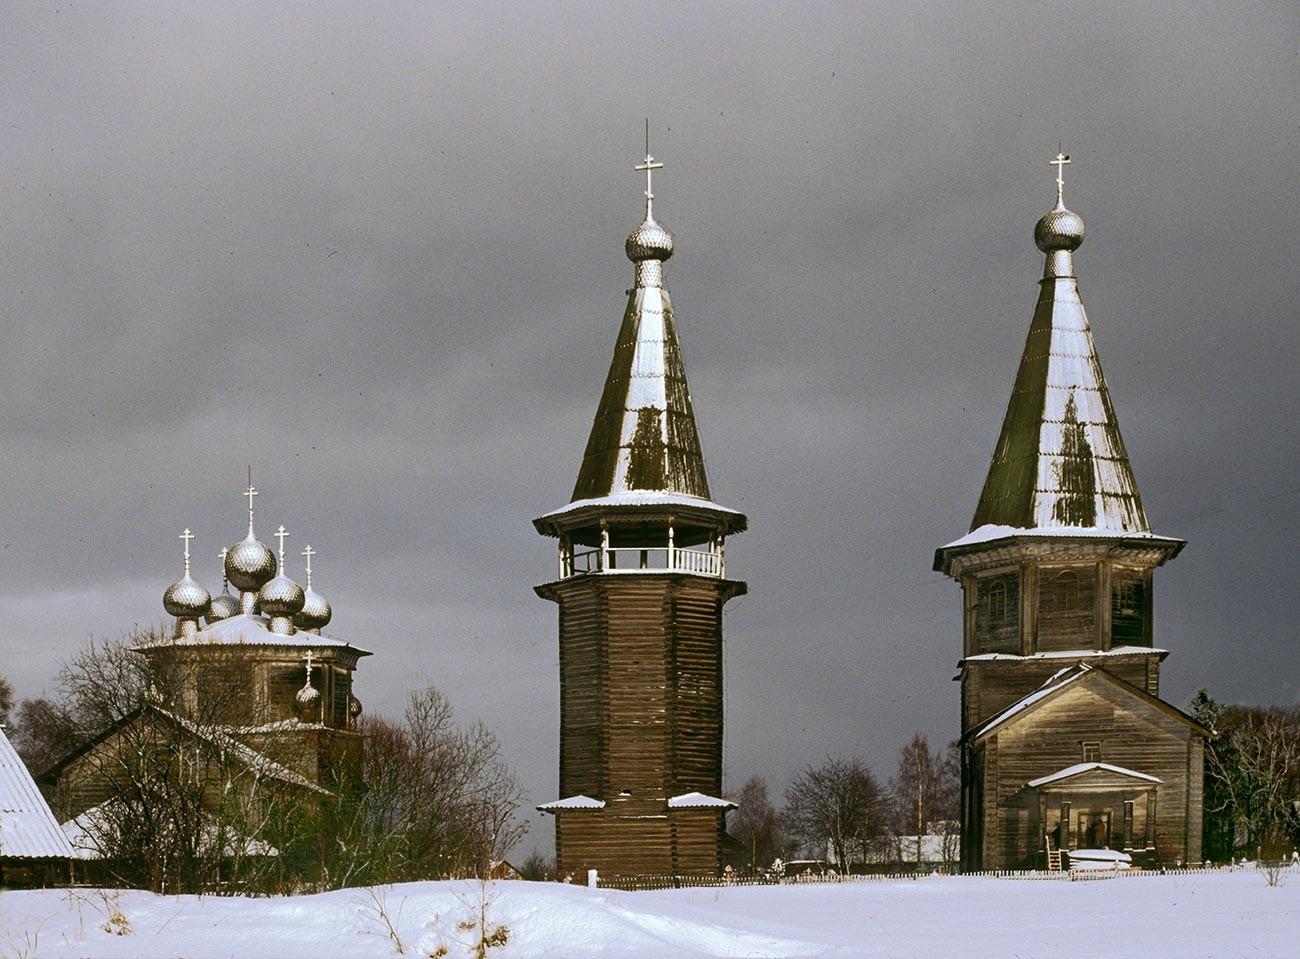 Ljadini. Od leve: Bogojavljenska cerkev, zvonik, Pokrovska cerkev. Pogled proti zahodu. (Zvonik in Pokrovska cerkev sta bila uničena v požaru, 5. maja 2013) 28. februar 1998